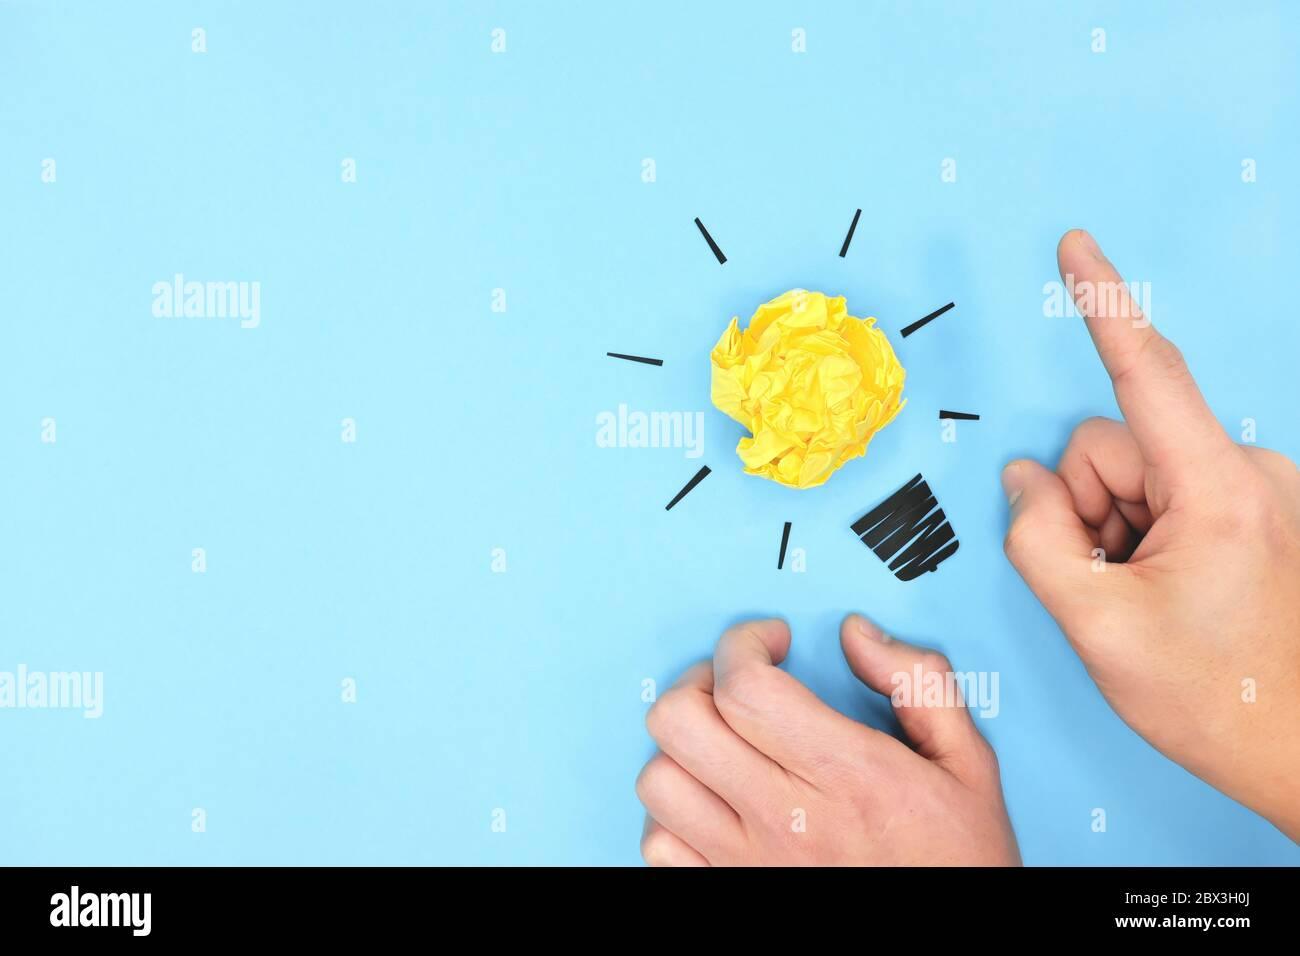 Gelbe Glühbirne in blauem Hintergrund flach gelegt. Strahlende neue Ideen und denkende Lösungskonzepte. Stockfoto